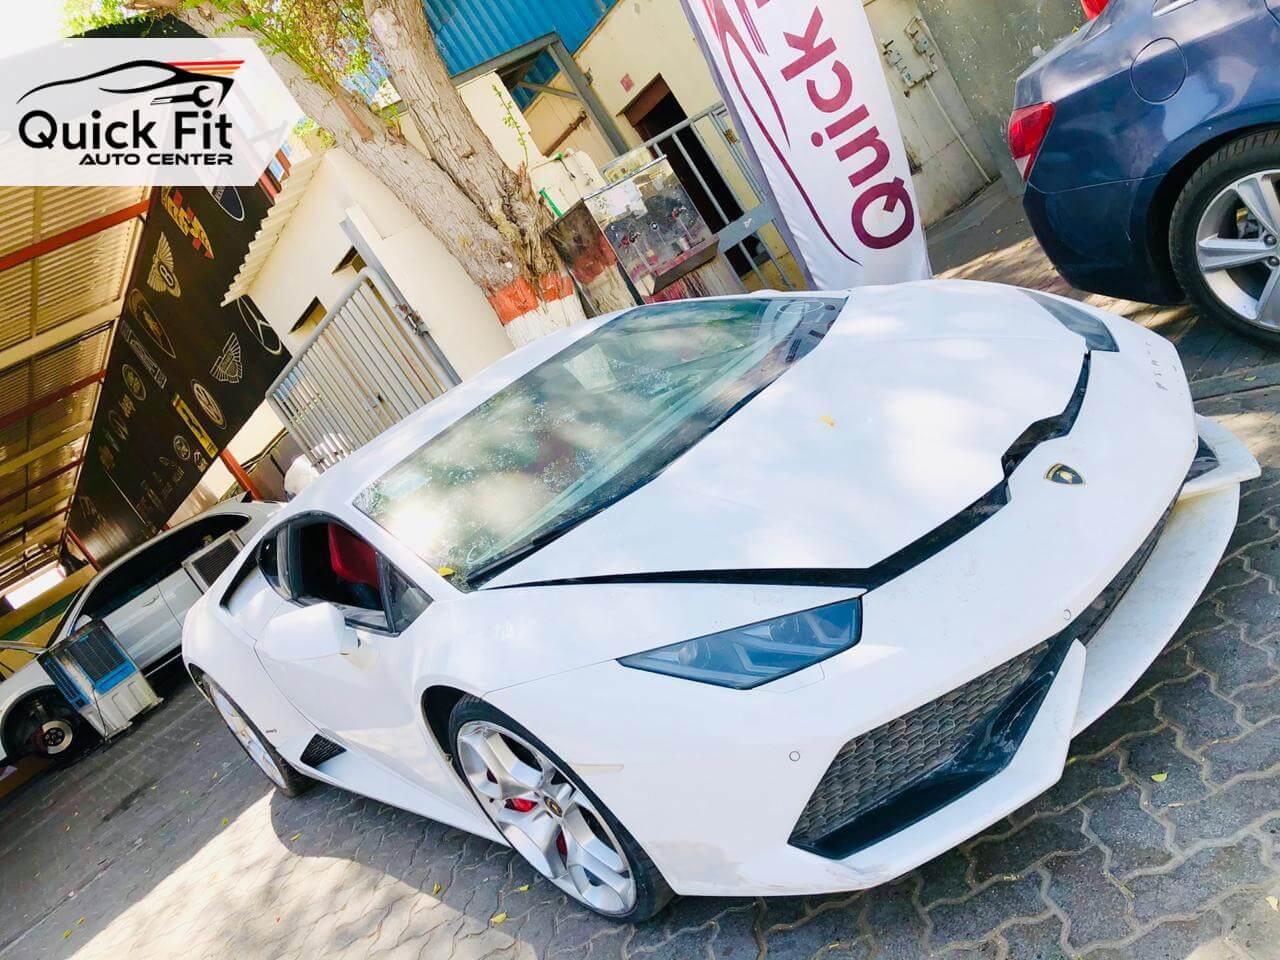 Lamborghini Huracan Accident Repair and Restoration in Dubai